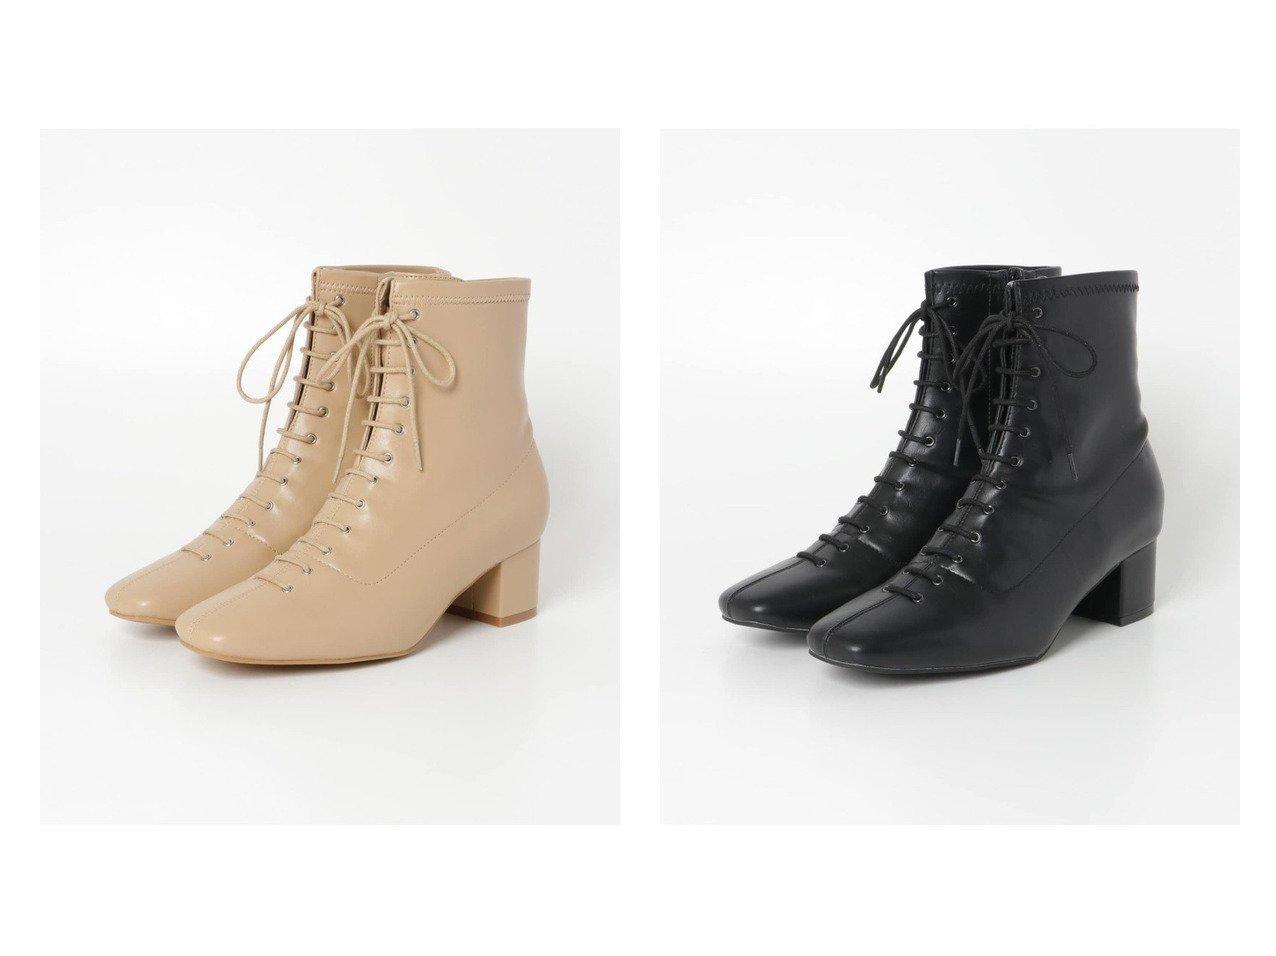 【URBAN RESEARCH/アーバンリサーチ】のレースアップブーツ シューズ・靴のおすすめ!人気、トレンド・レディースファッションの通販 おすすめで人気の流行・トレンド、ファッションの通販商品 メンズファッション・キッズファッション・インテリア・家具・レディースファッション・服の通販 founy(ファニー) https://founy.com/ ファッション Fashion レディースファッション WOMEN シューズ ショート  ID:crp329100000012457